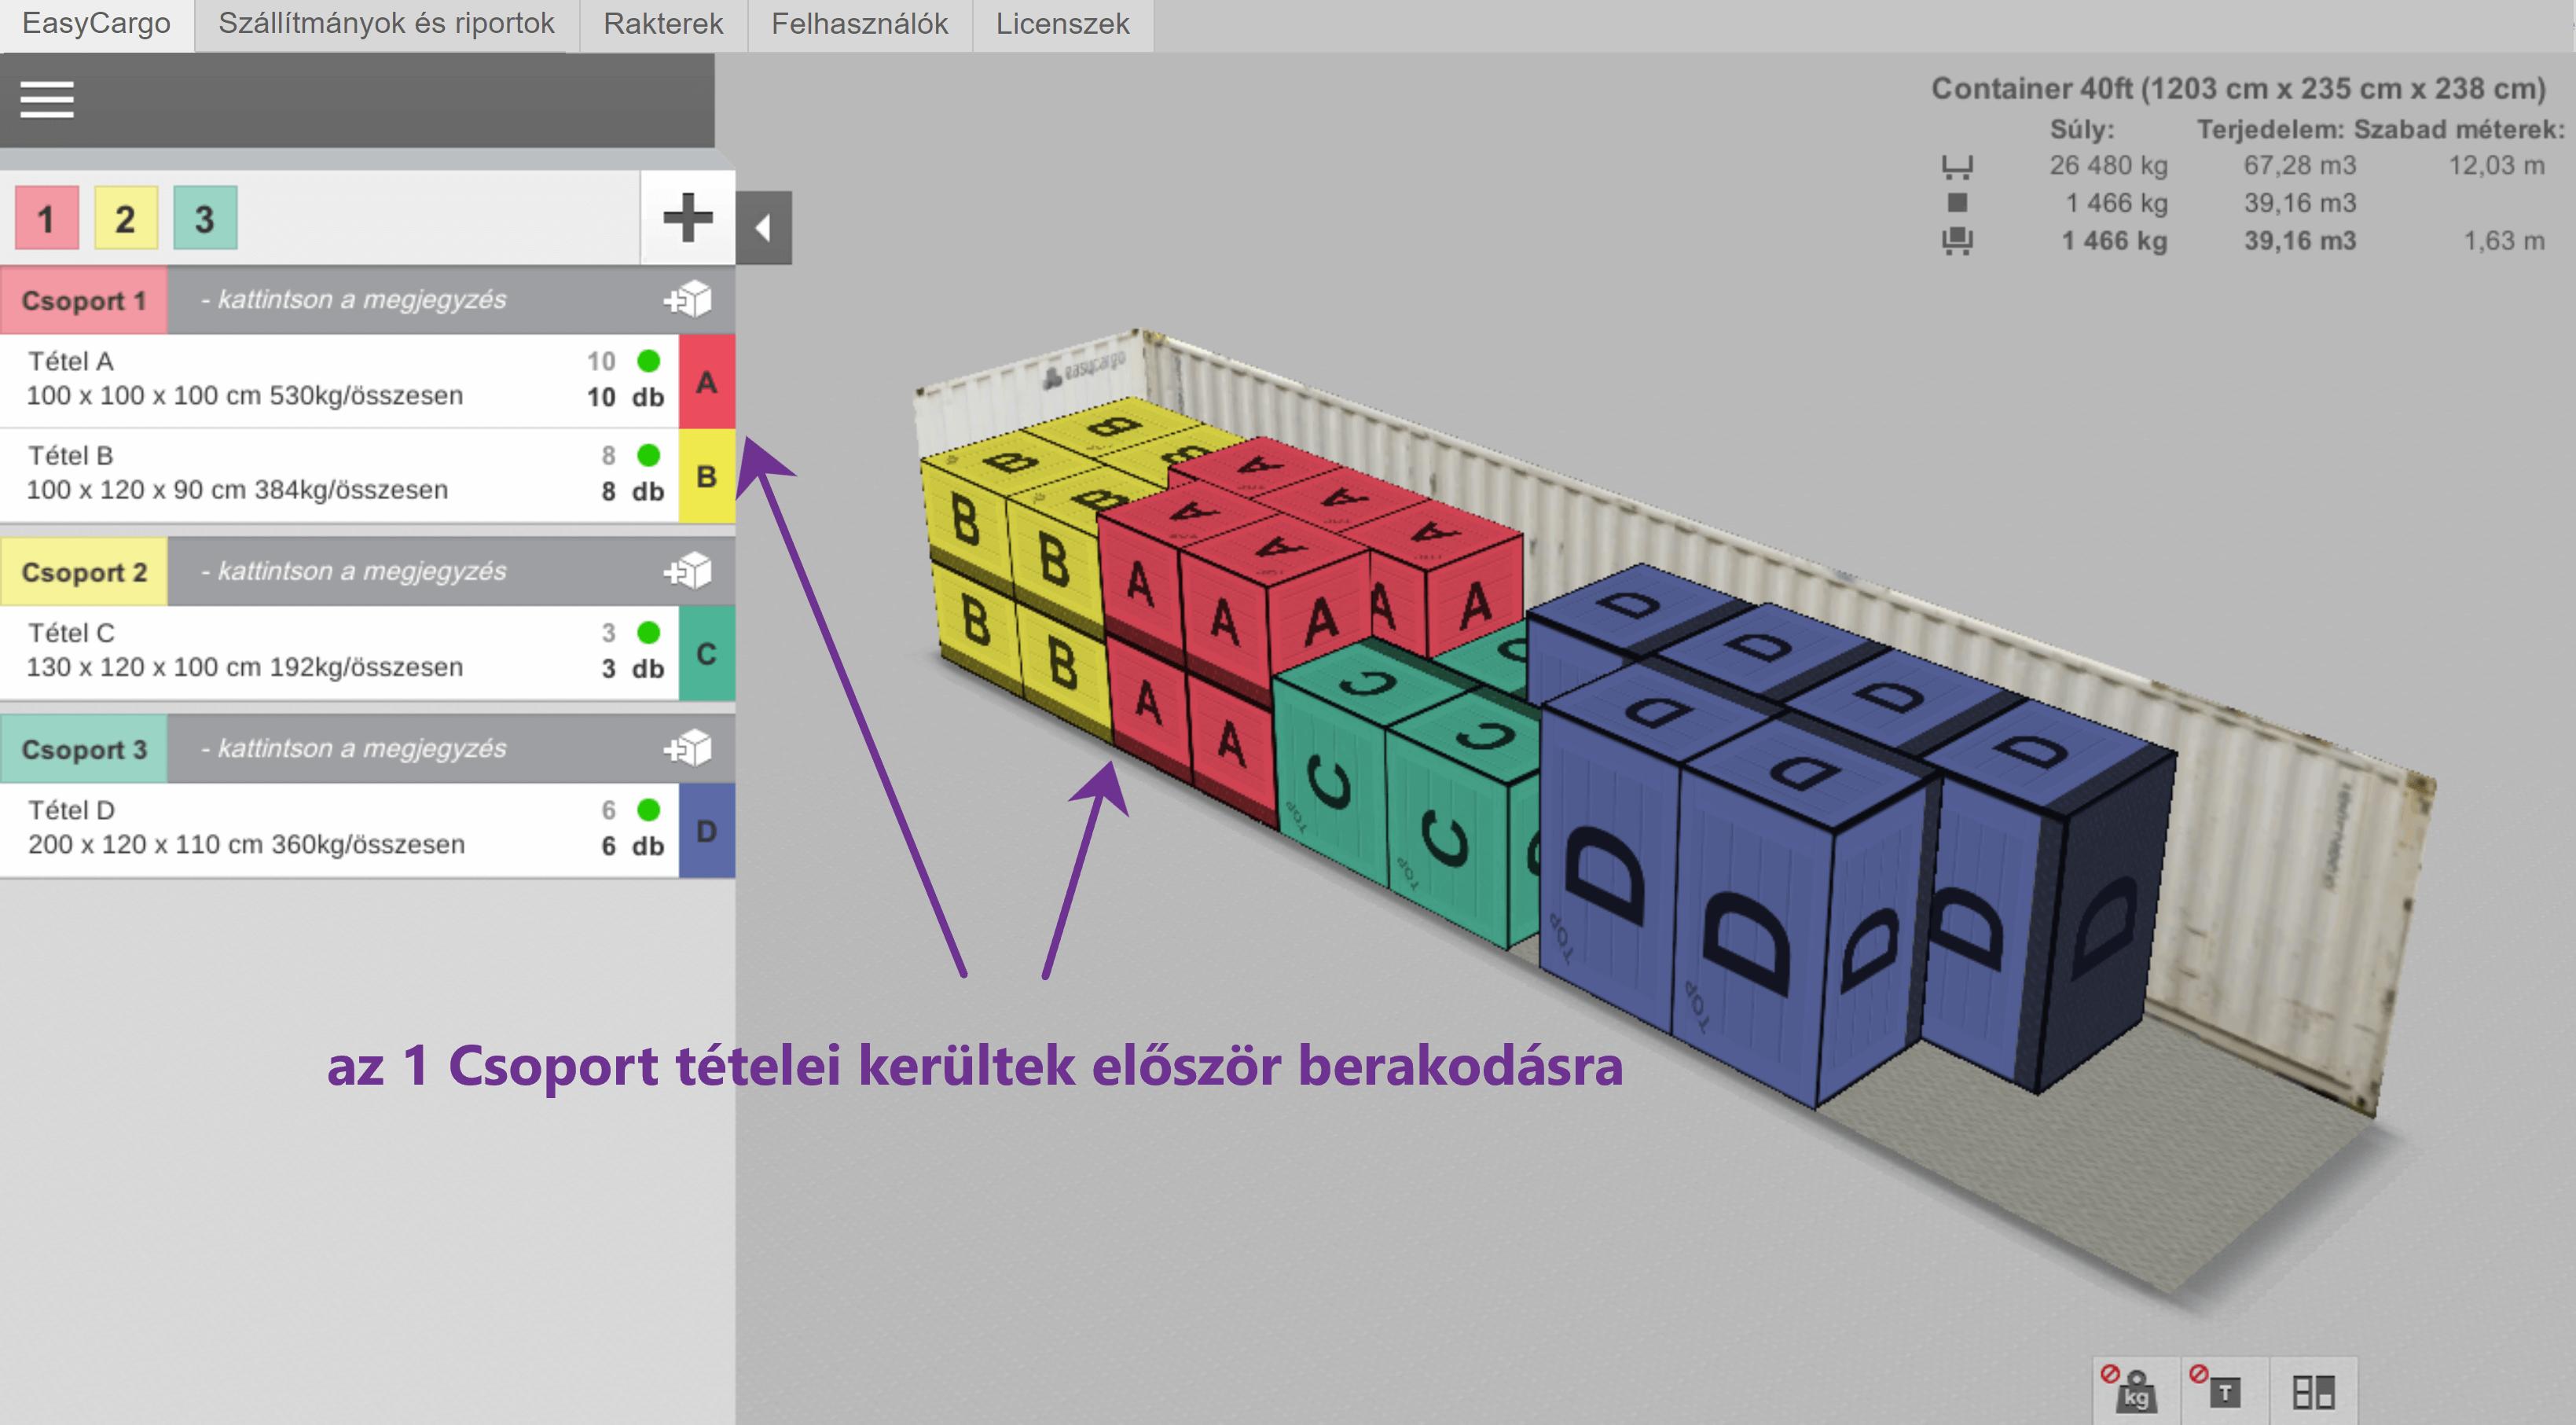 Fontossági sorrend példa - színek ábrázolják az egyes tételeket